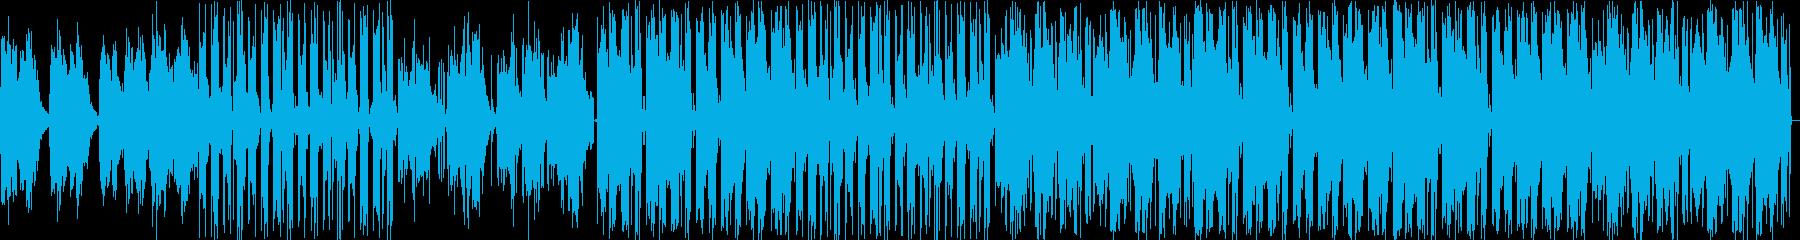 気持ちが落ちつく優しく儚い子守唄EDMの再生済みの波形